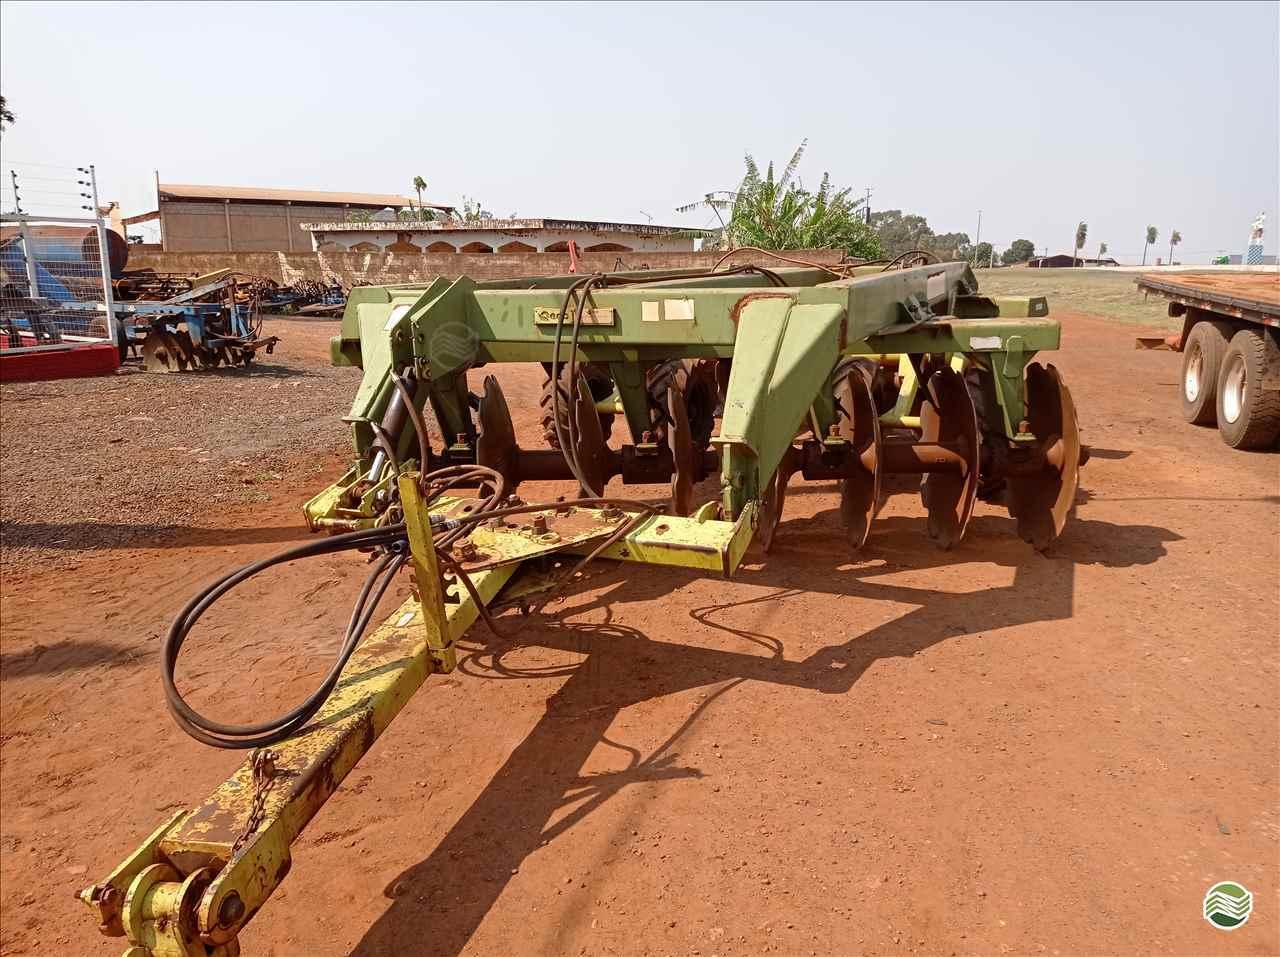 IMPLEMENTOS AGRICOLAS GRADE ARADORA ARADORA 16 DISCOS Mezenga Máquinas DOURADOS MATO GROSSO DO SUL MS